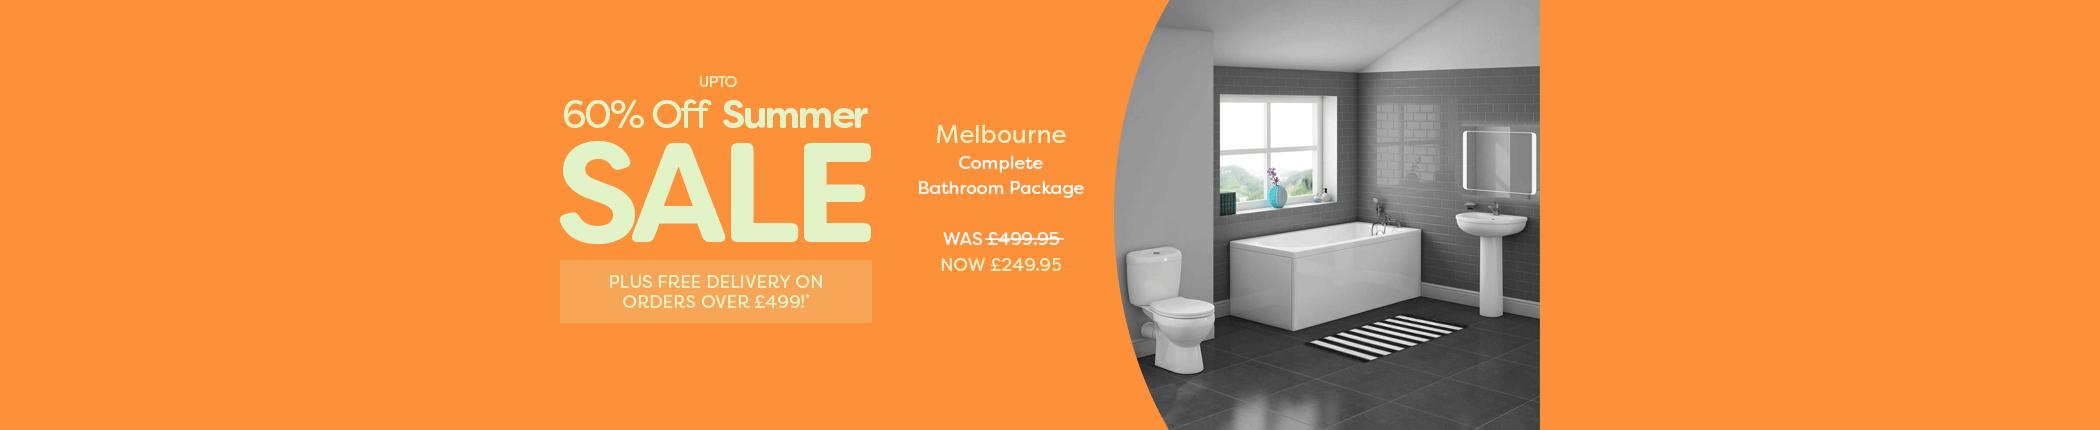 summer-sale-melbourne-complete-bathroom-package-july17-hbnrs